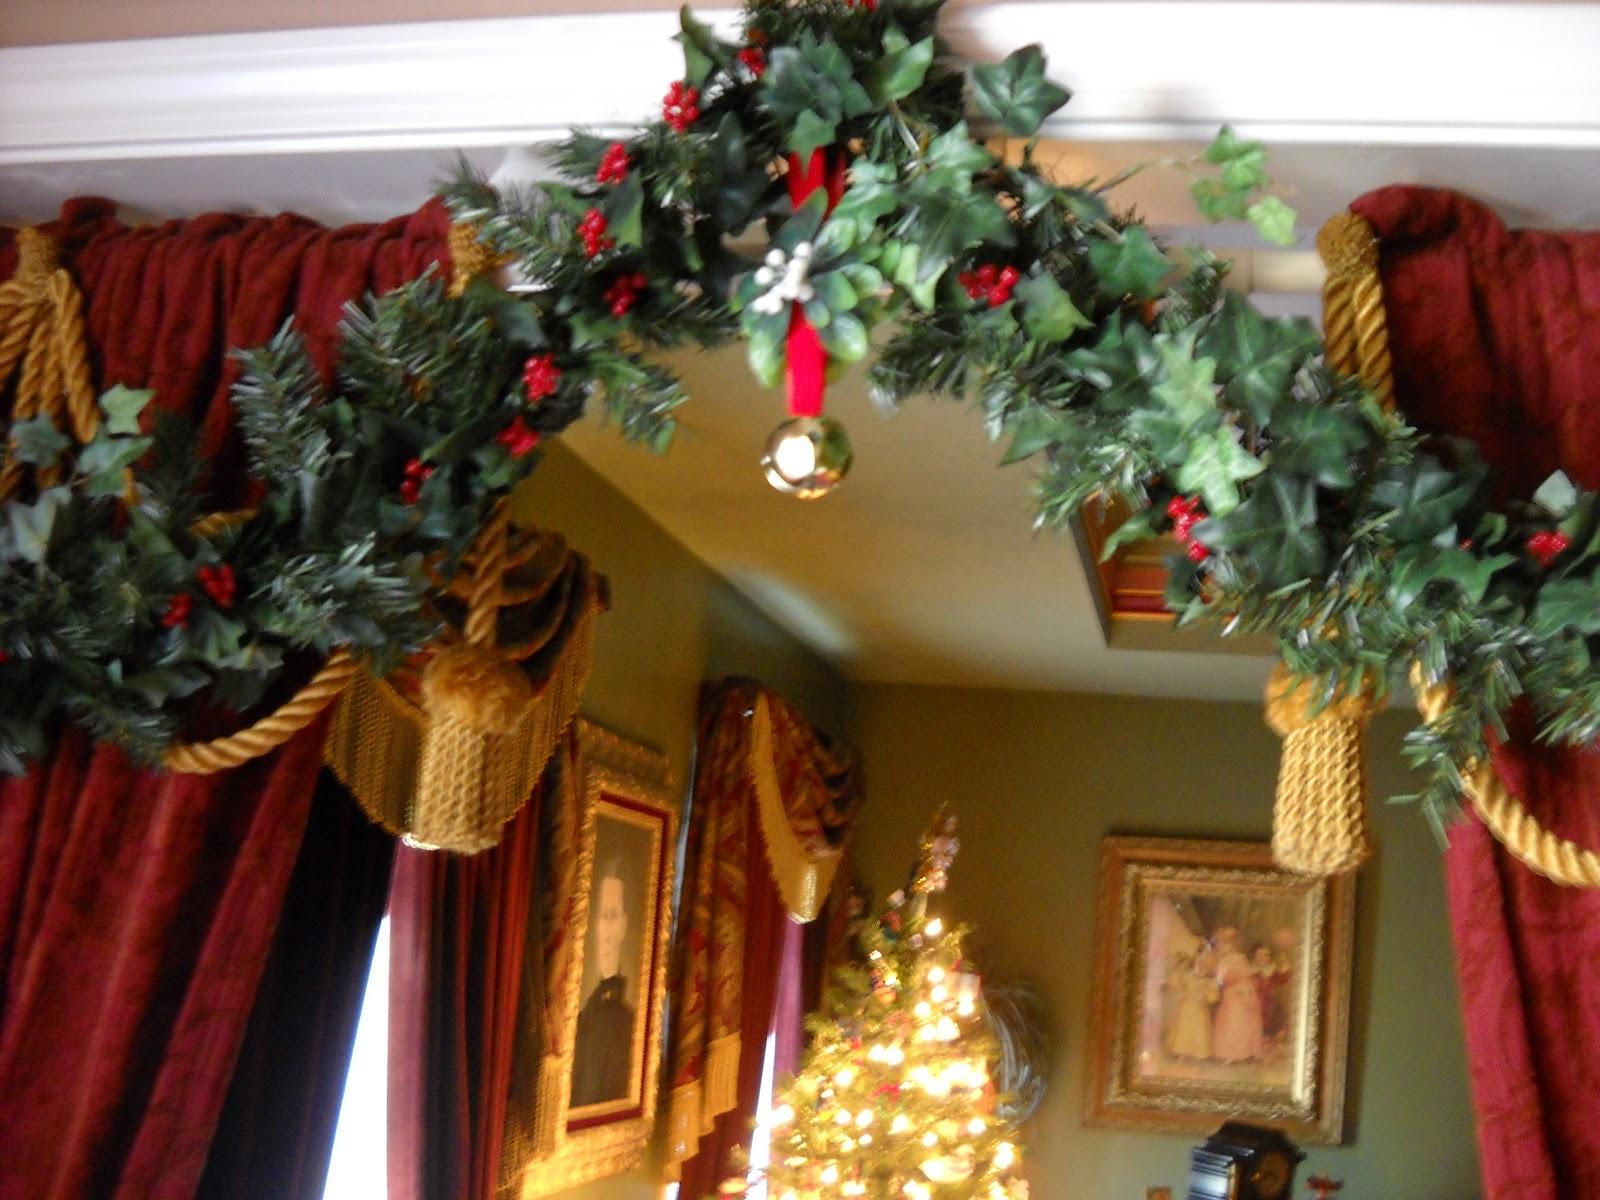 Decorate the christmas tree fa la la la - Fa La La La La La La La La